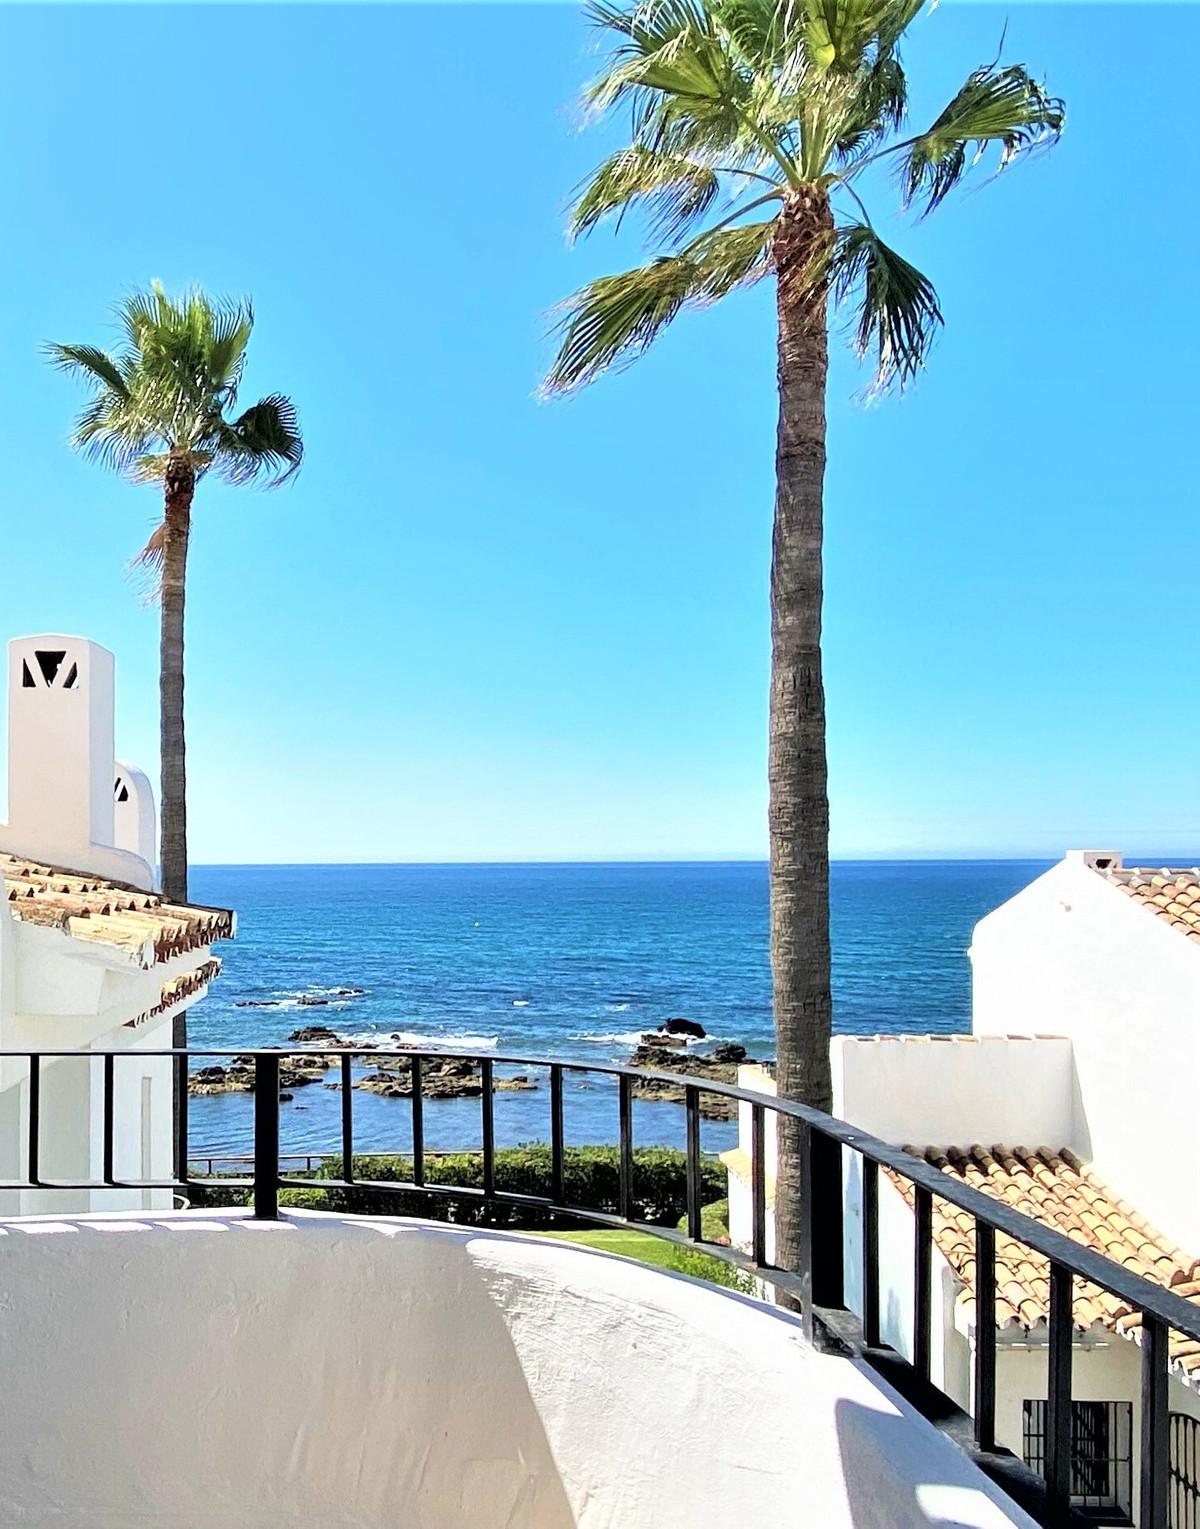 Unifamiliar 2 Dormitorios en Venta Riviera del Sol